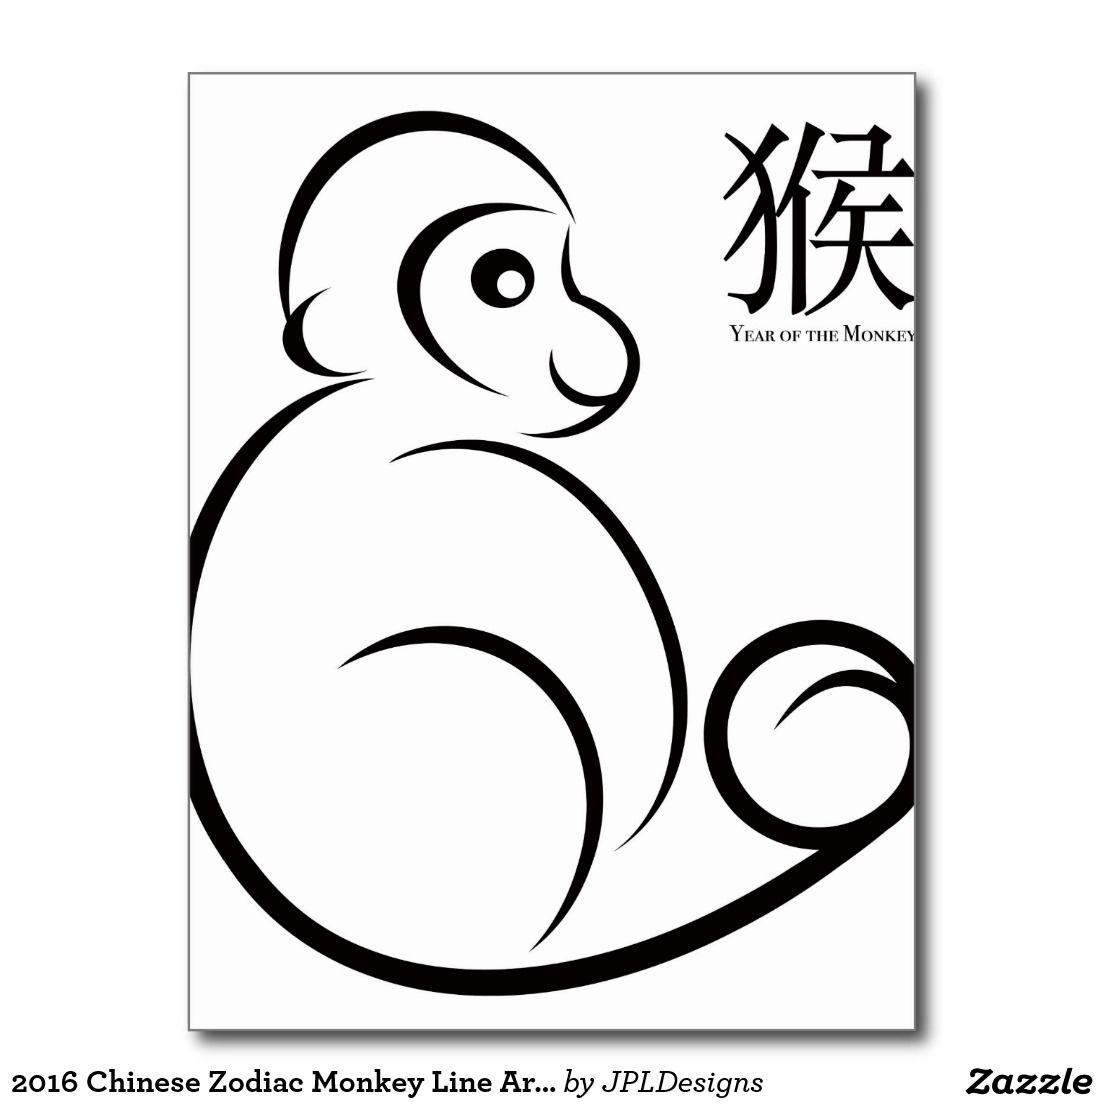 2016 Chinese Zodiac Monkey Line Art Drawing Postcard